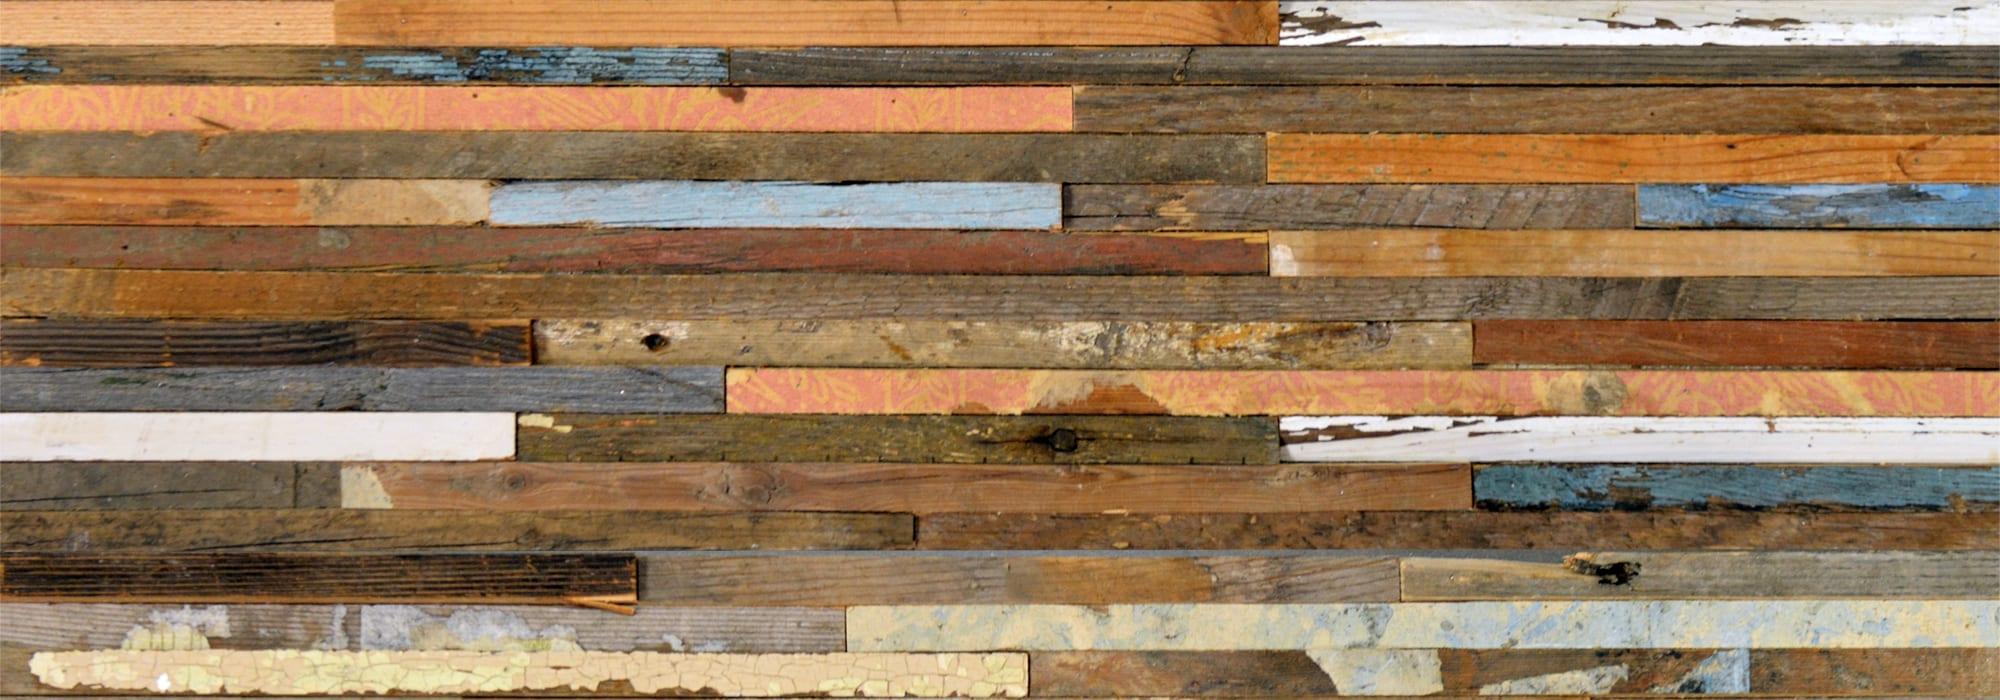 פנל עץ גליף חלונות פירוקים by Milstone